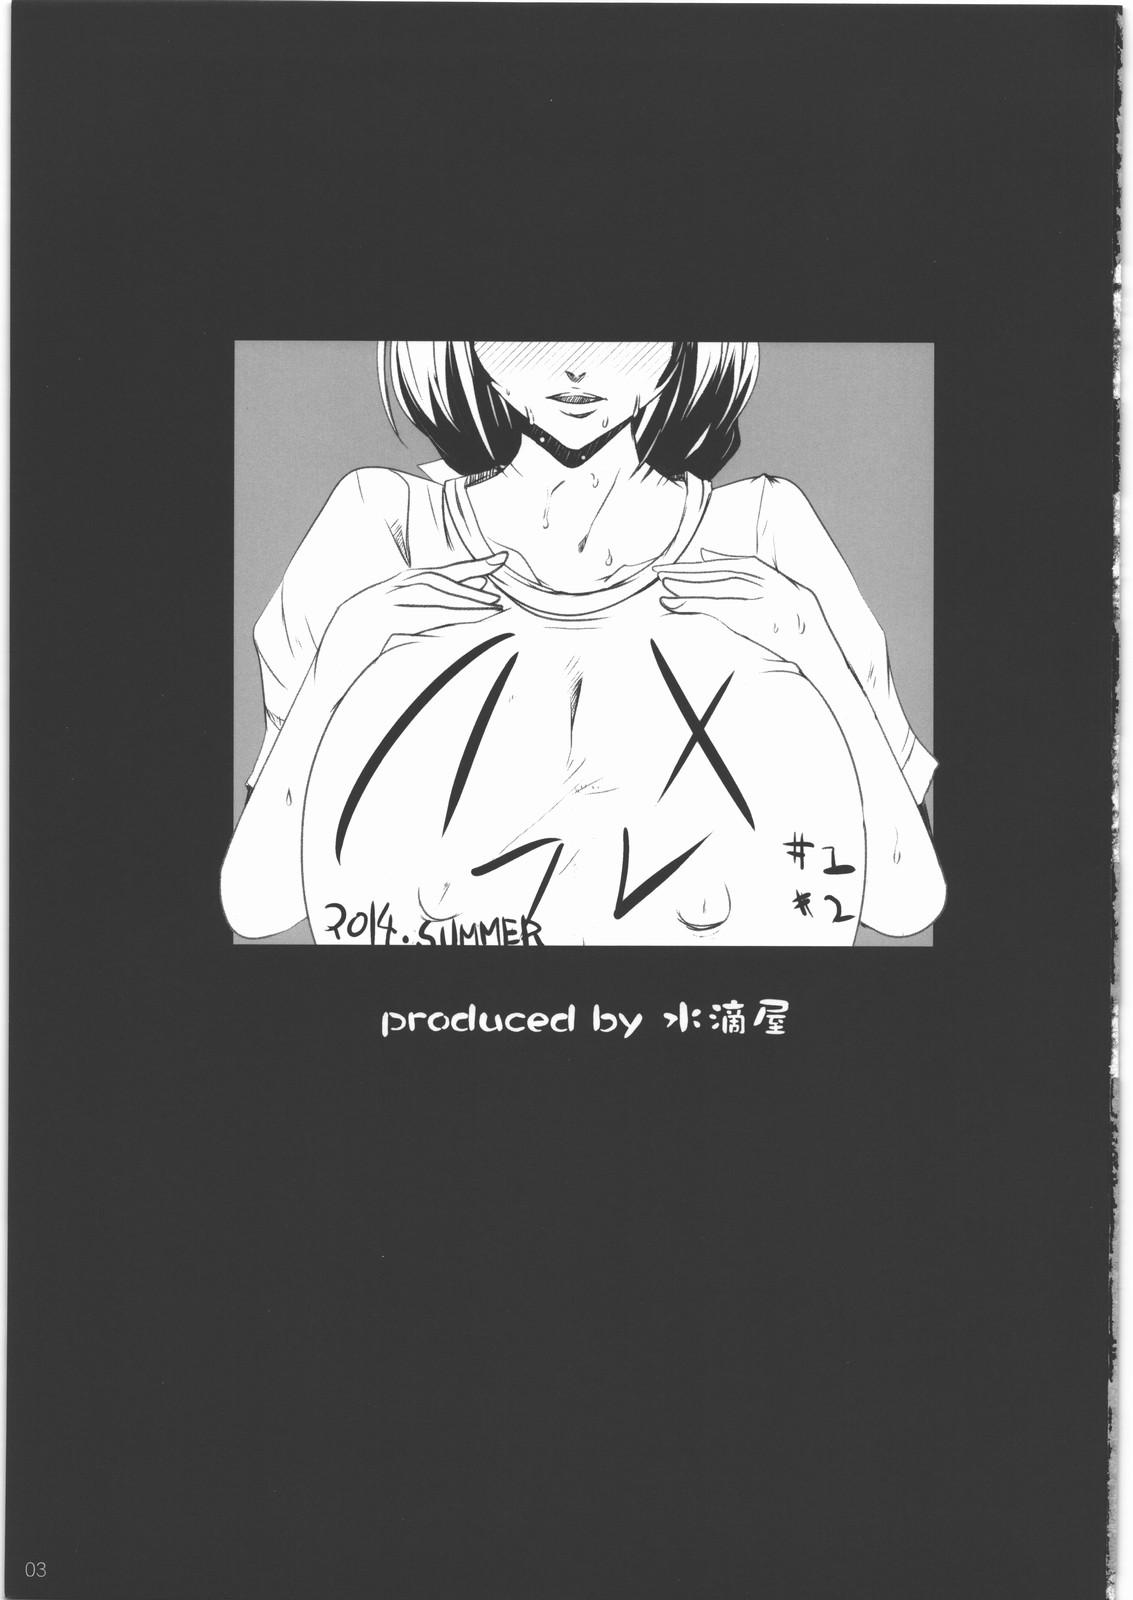 【エロ漫画・エロ同人誌】巨乳人妻から巨乳女子校生までエッチなセフレとのセックスをどぞwwwwwwwwwwwwww (2)